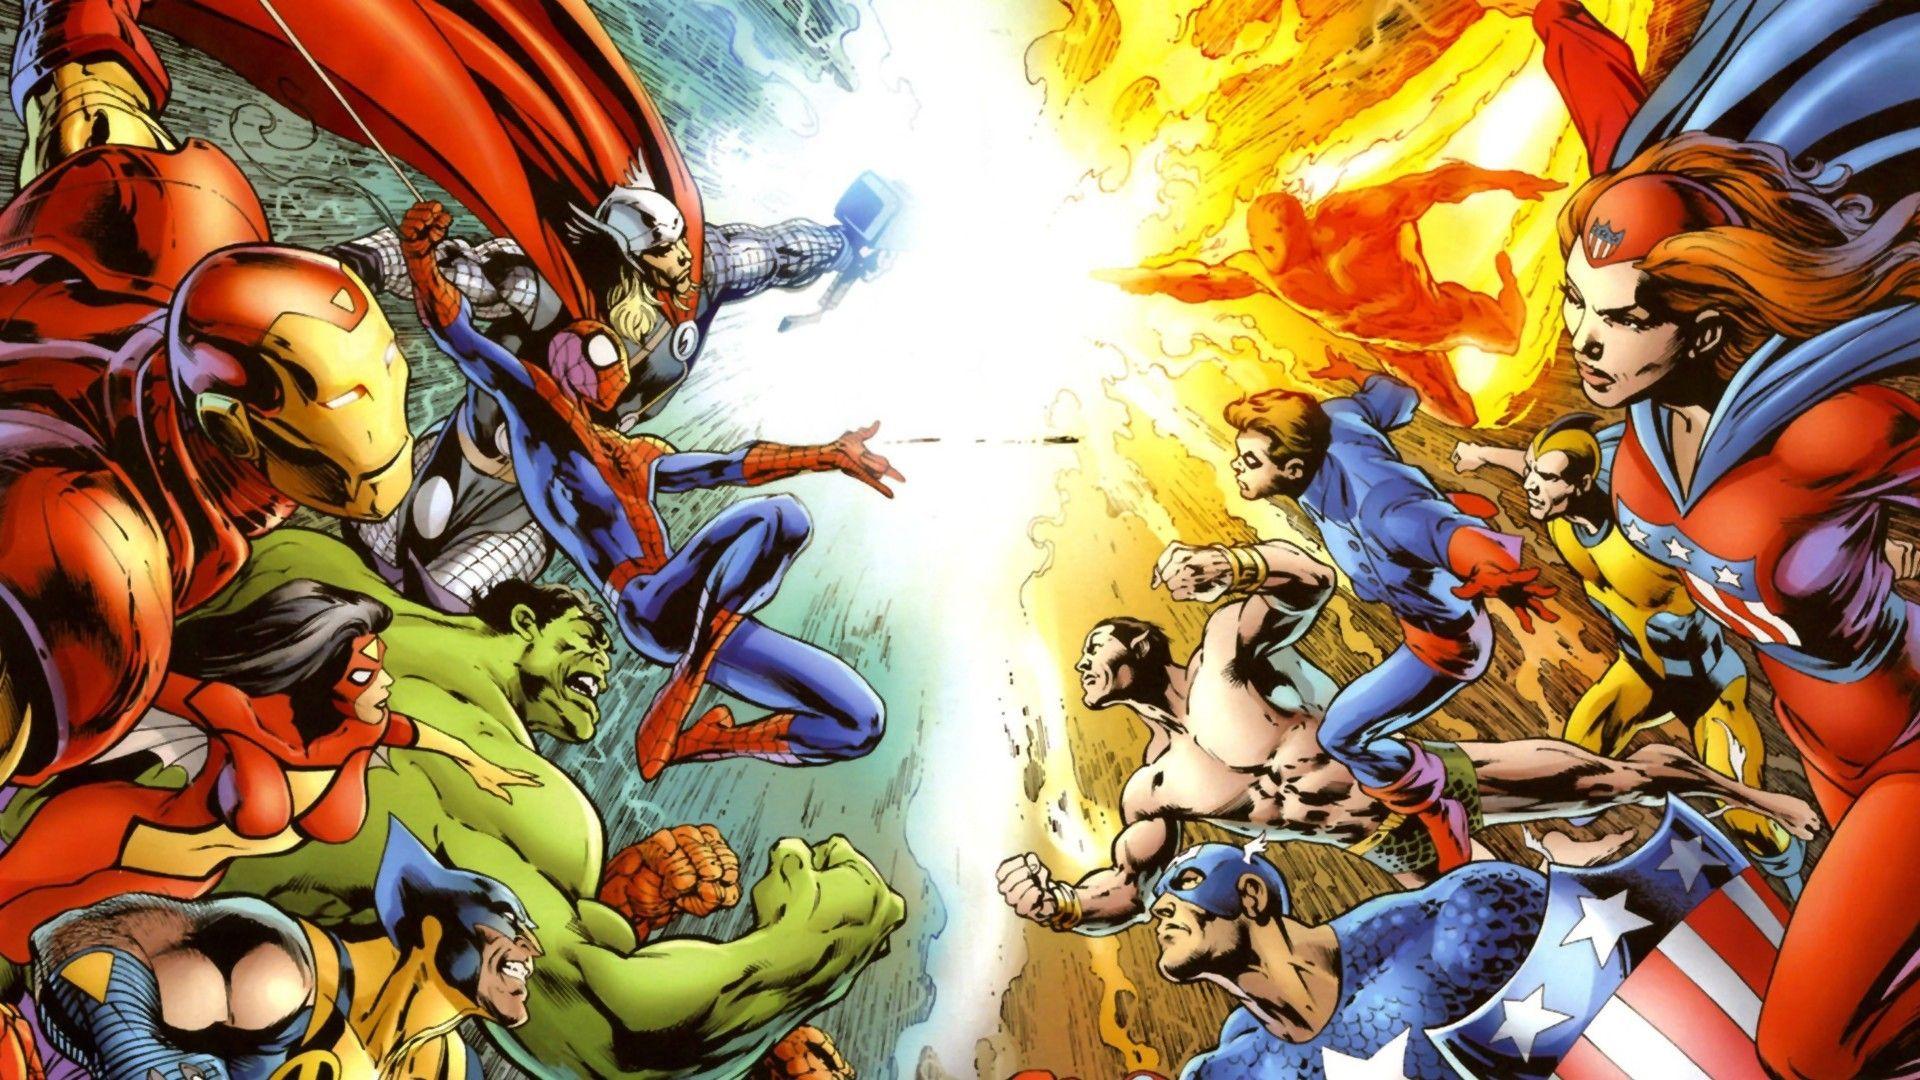 super heroes wallpaper - wallpapersafari